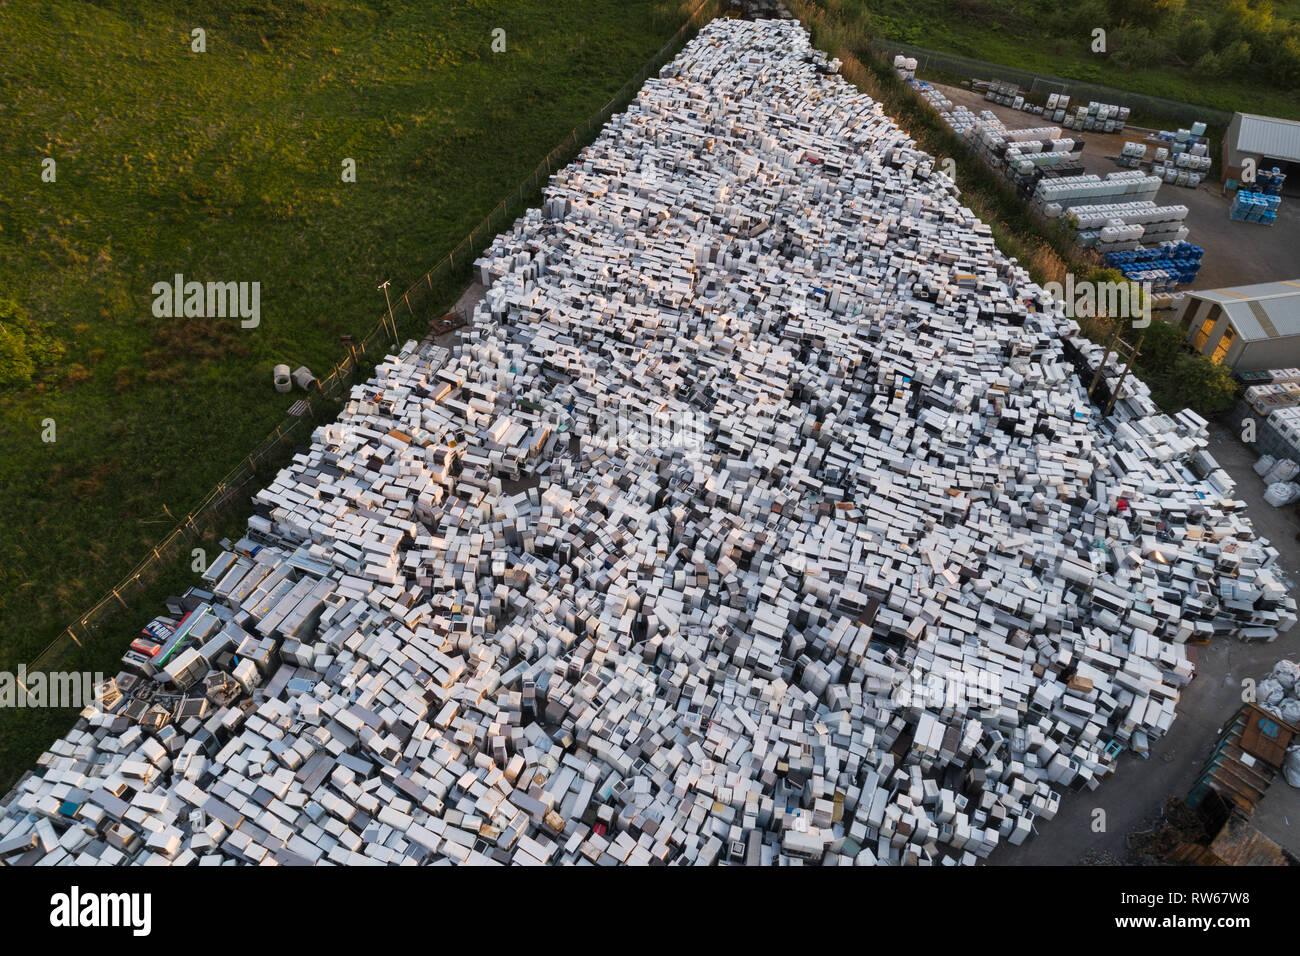 Immagine aerea di un frigo di riciclaggio e smaltimento cantiere in Perth, Scozia, mostrando migliaia di frigoriferi utilizzati in pile. Immagini Stock